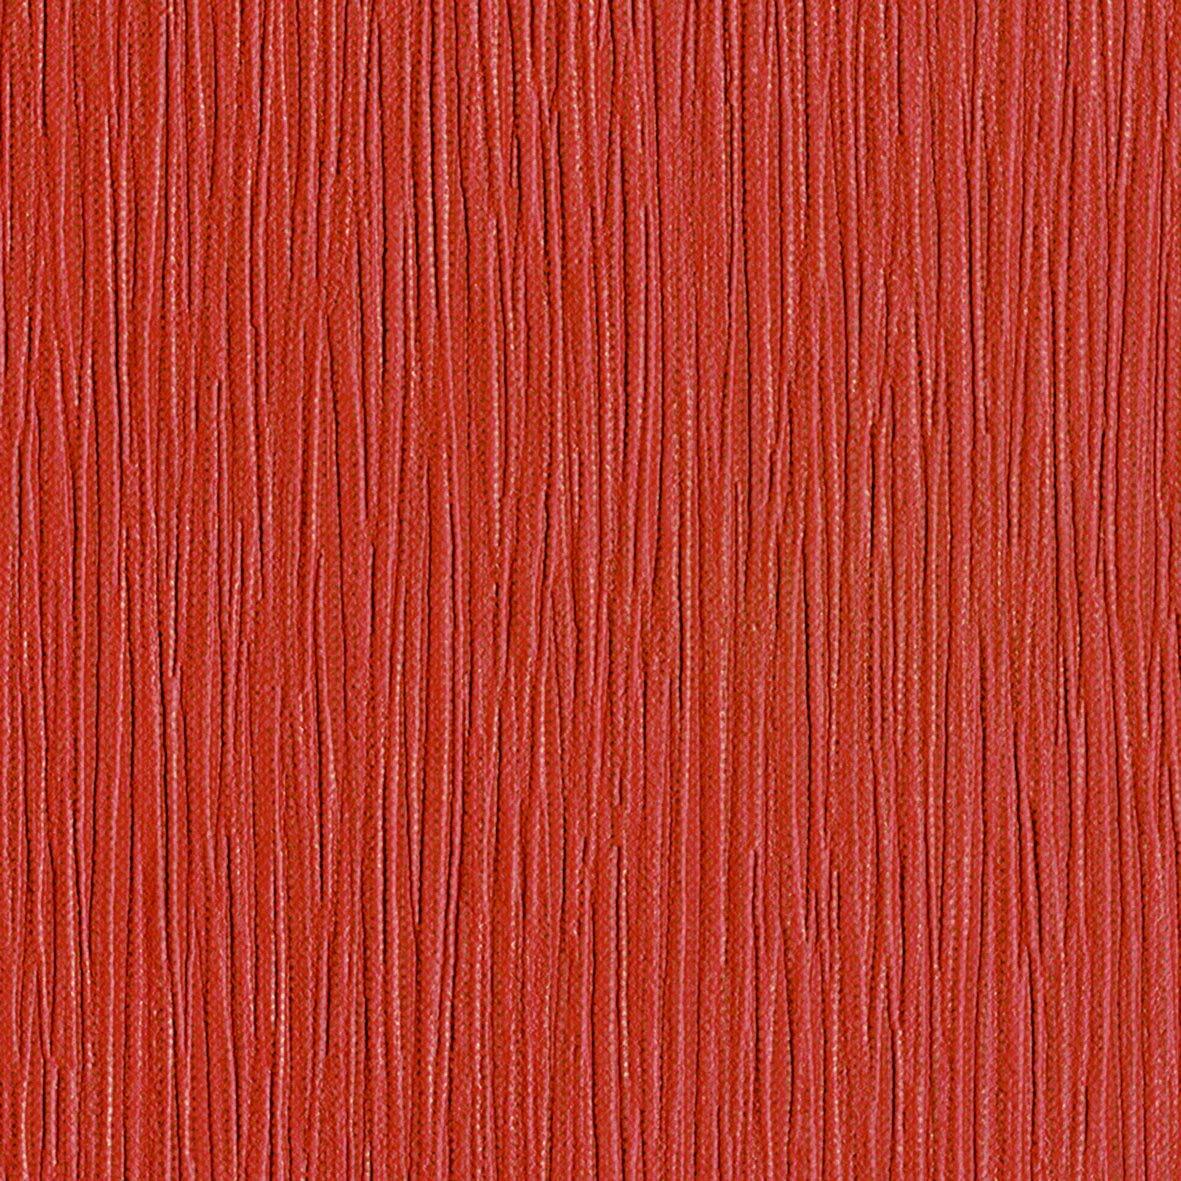 リリカラ 壁紙32m シンフル ストライプ オレンジ LL-8616 B01N020XEE 32m|オレンジ